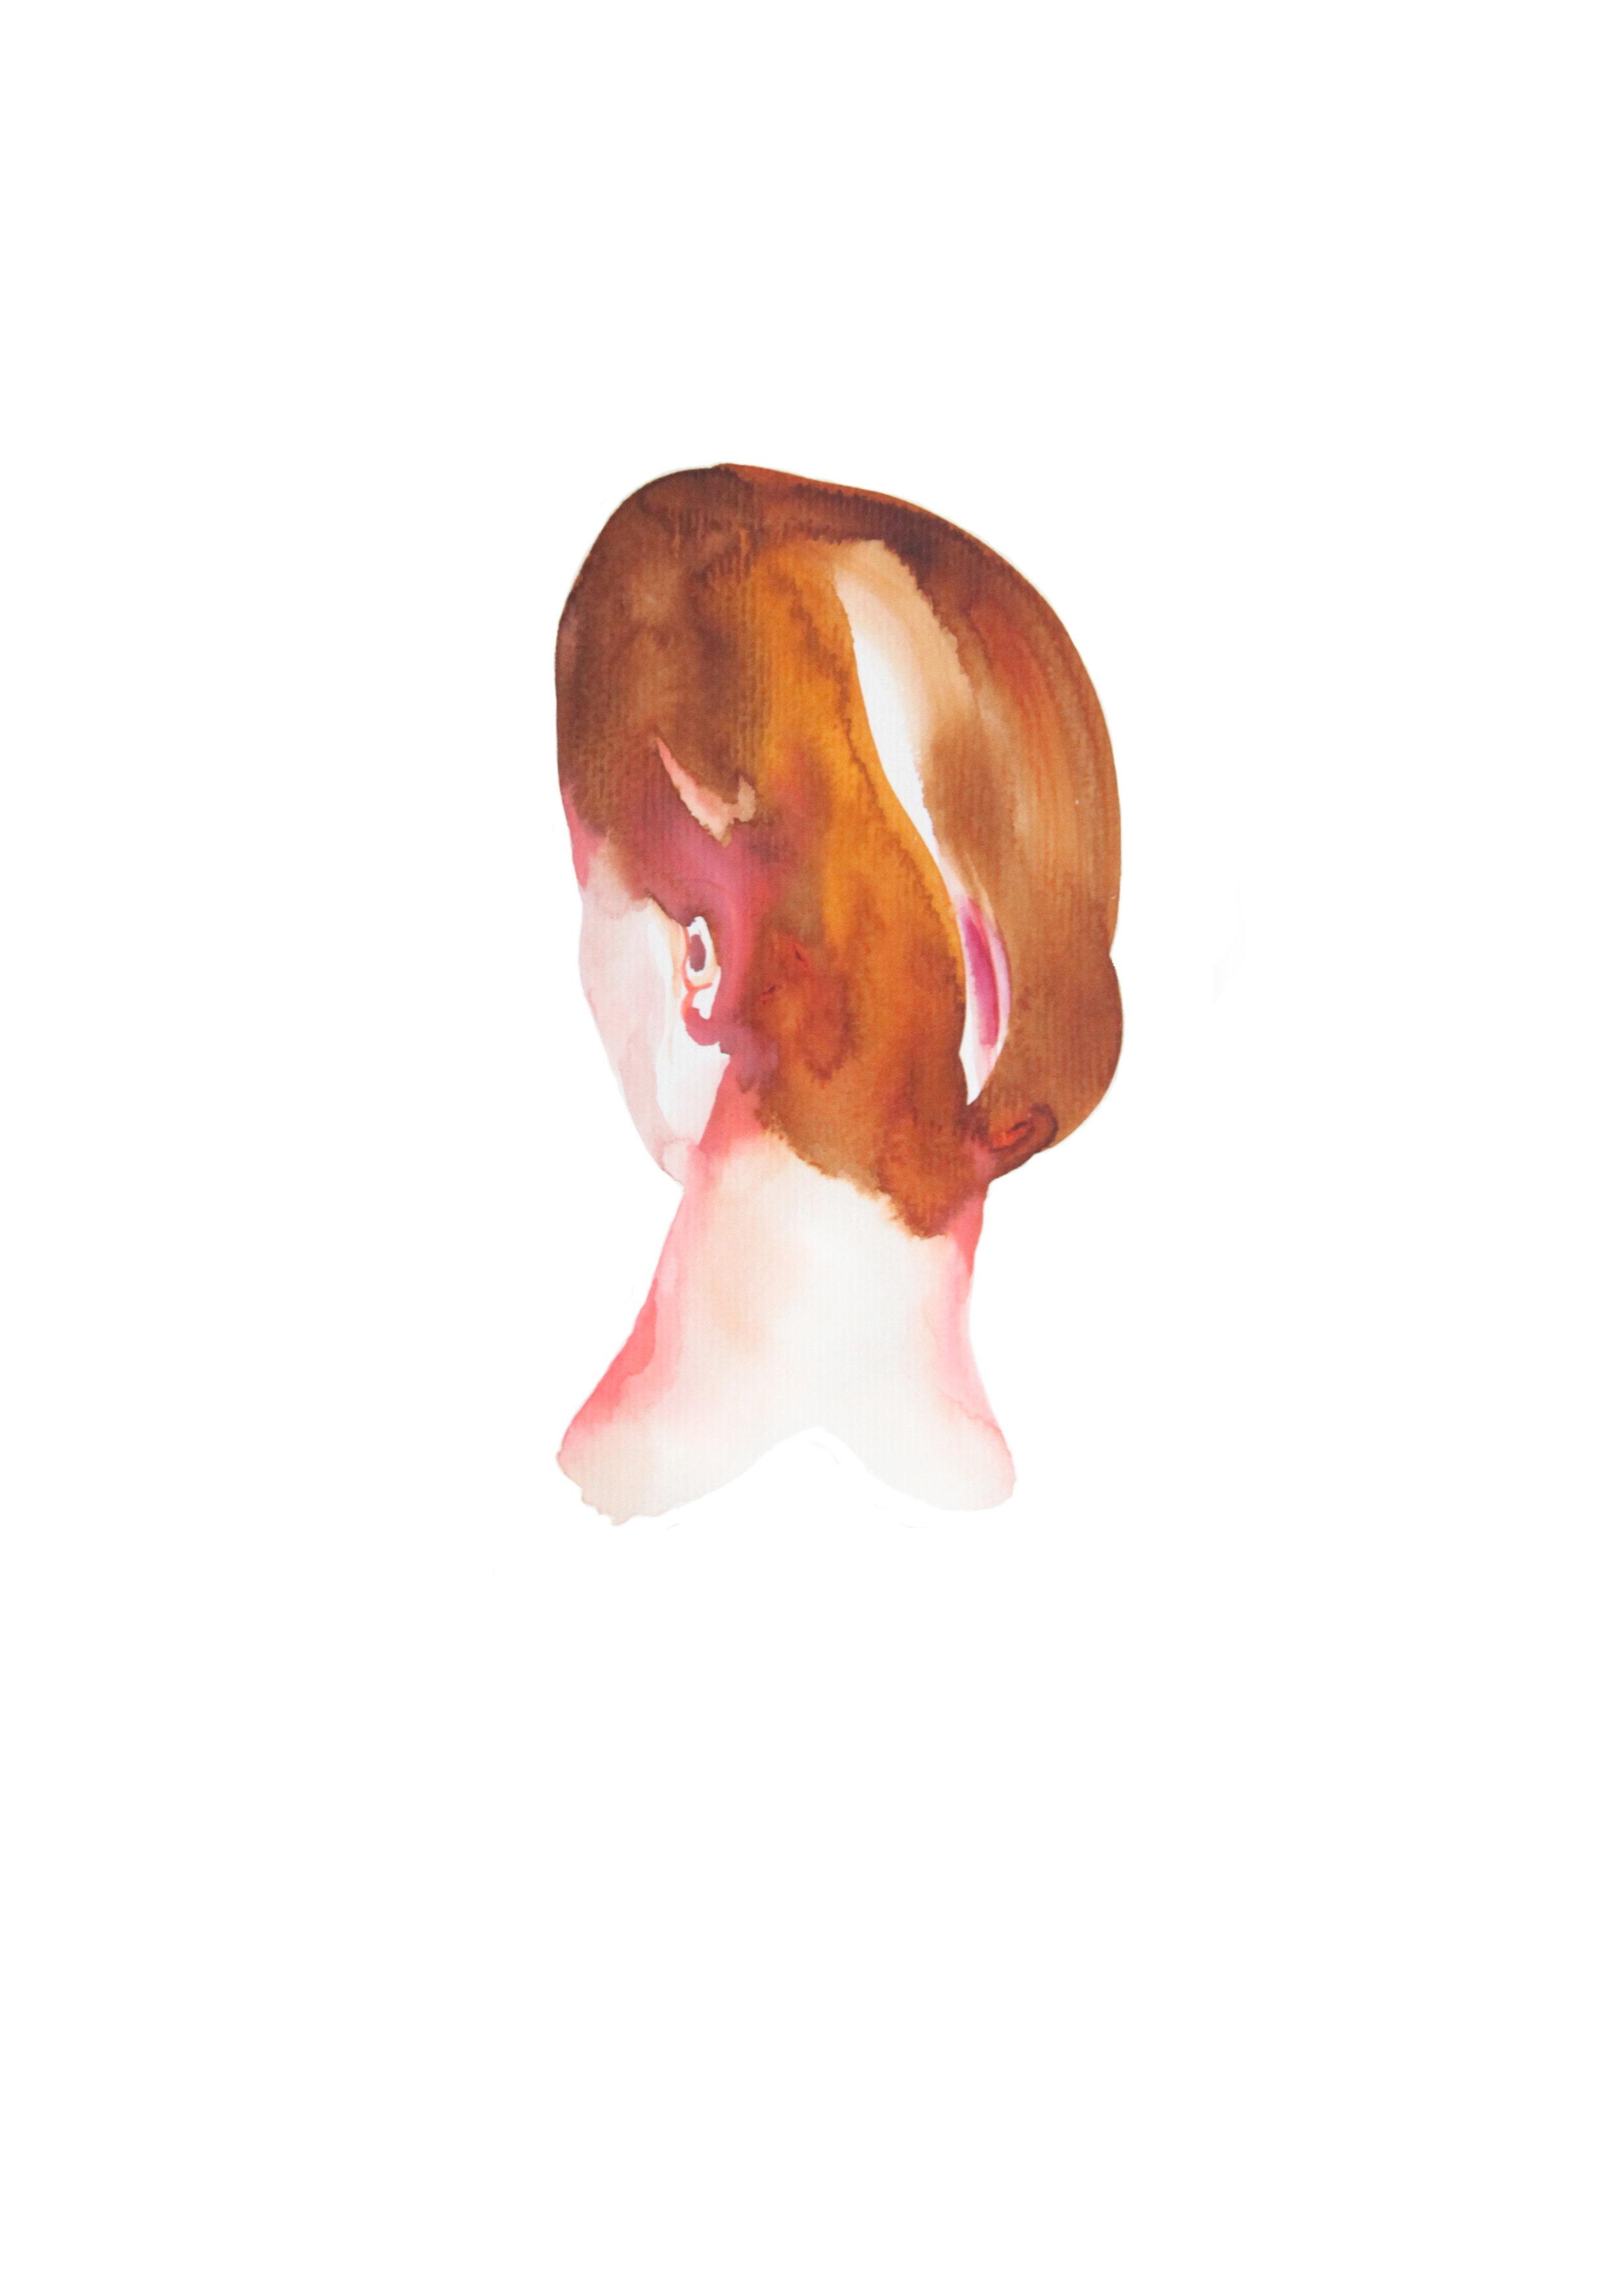 La nuque de Diane  , 2016, watercolor on paper, 40x30cm